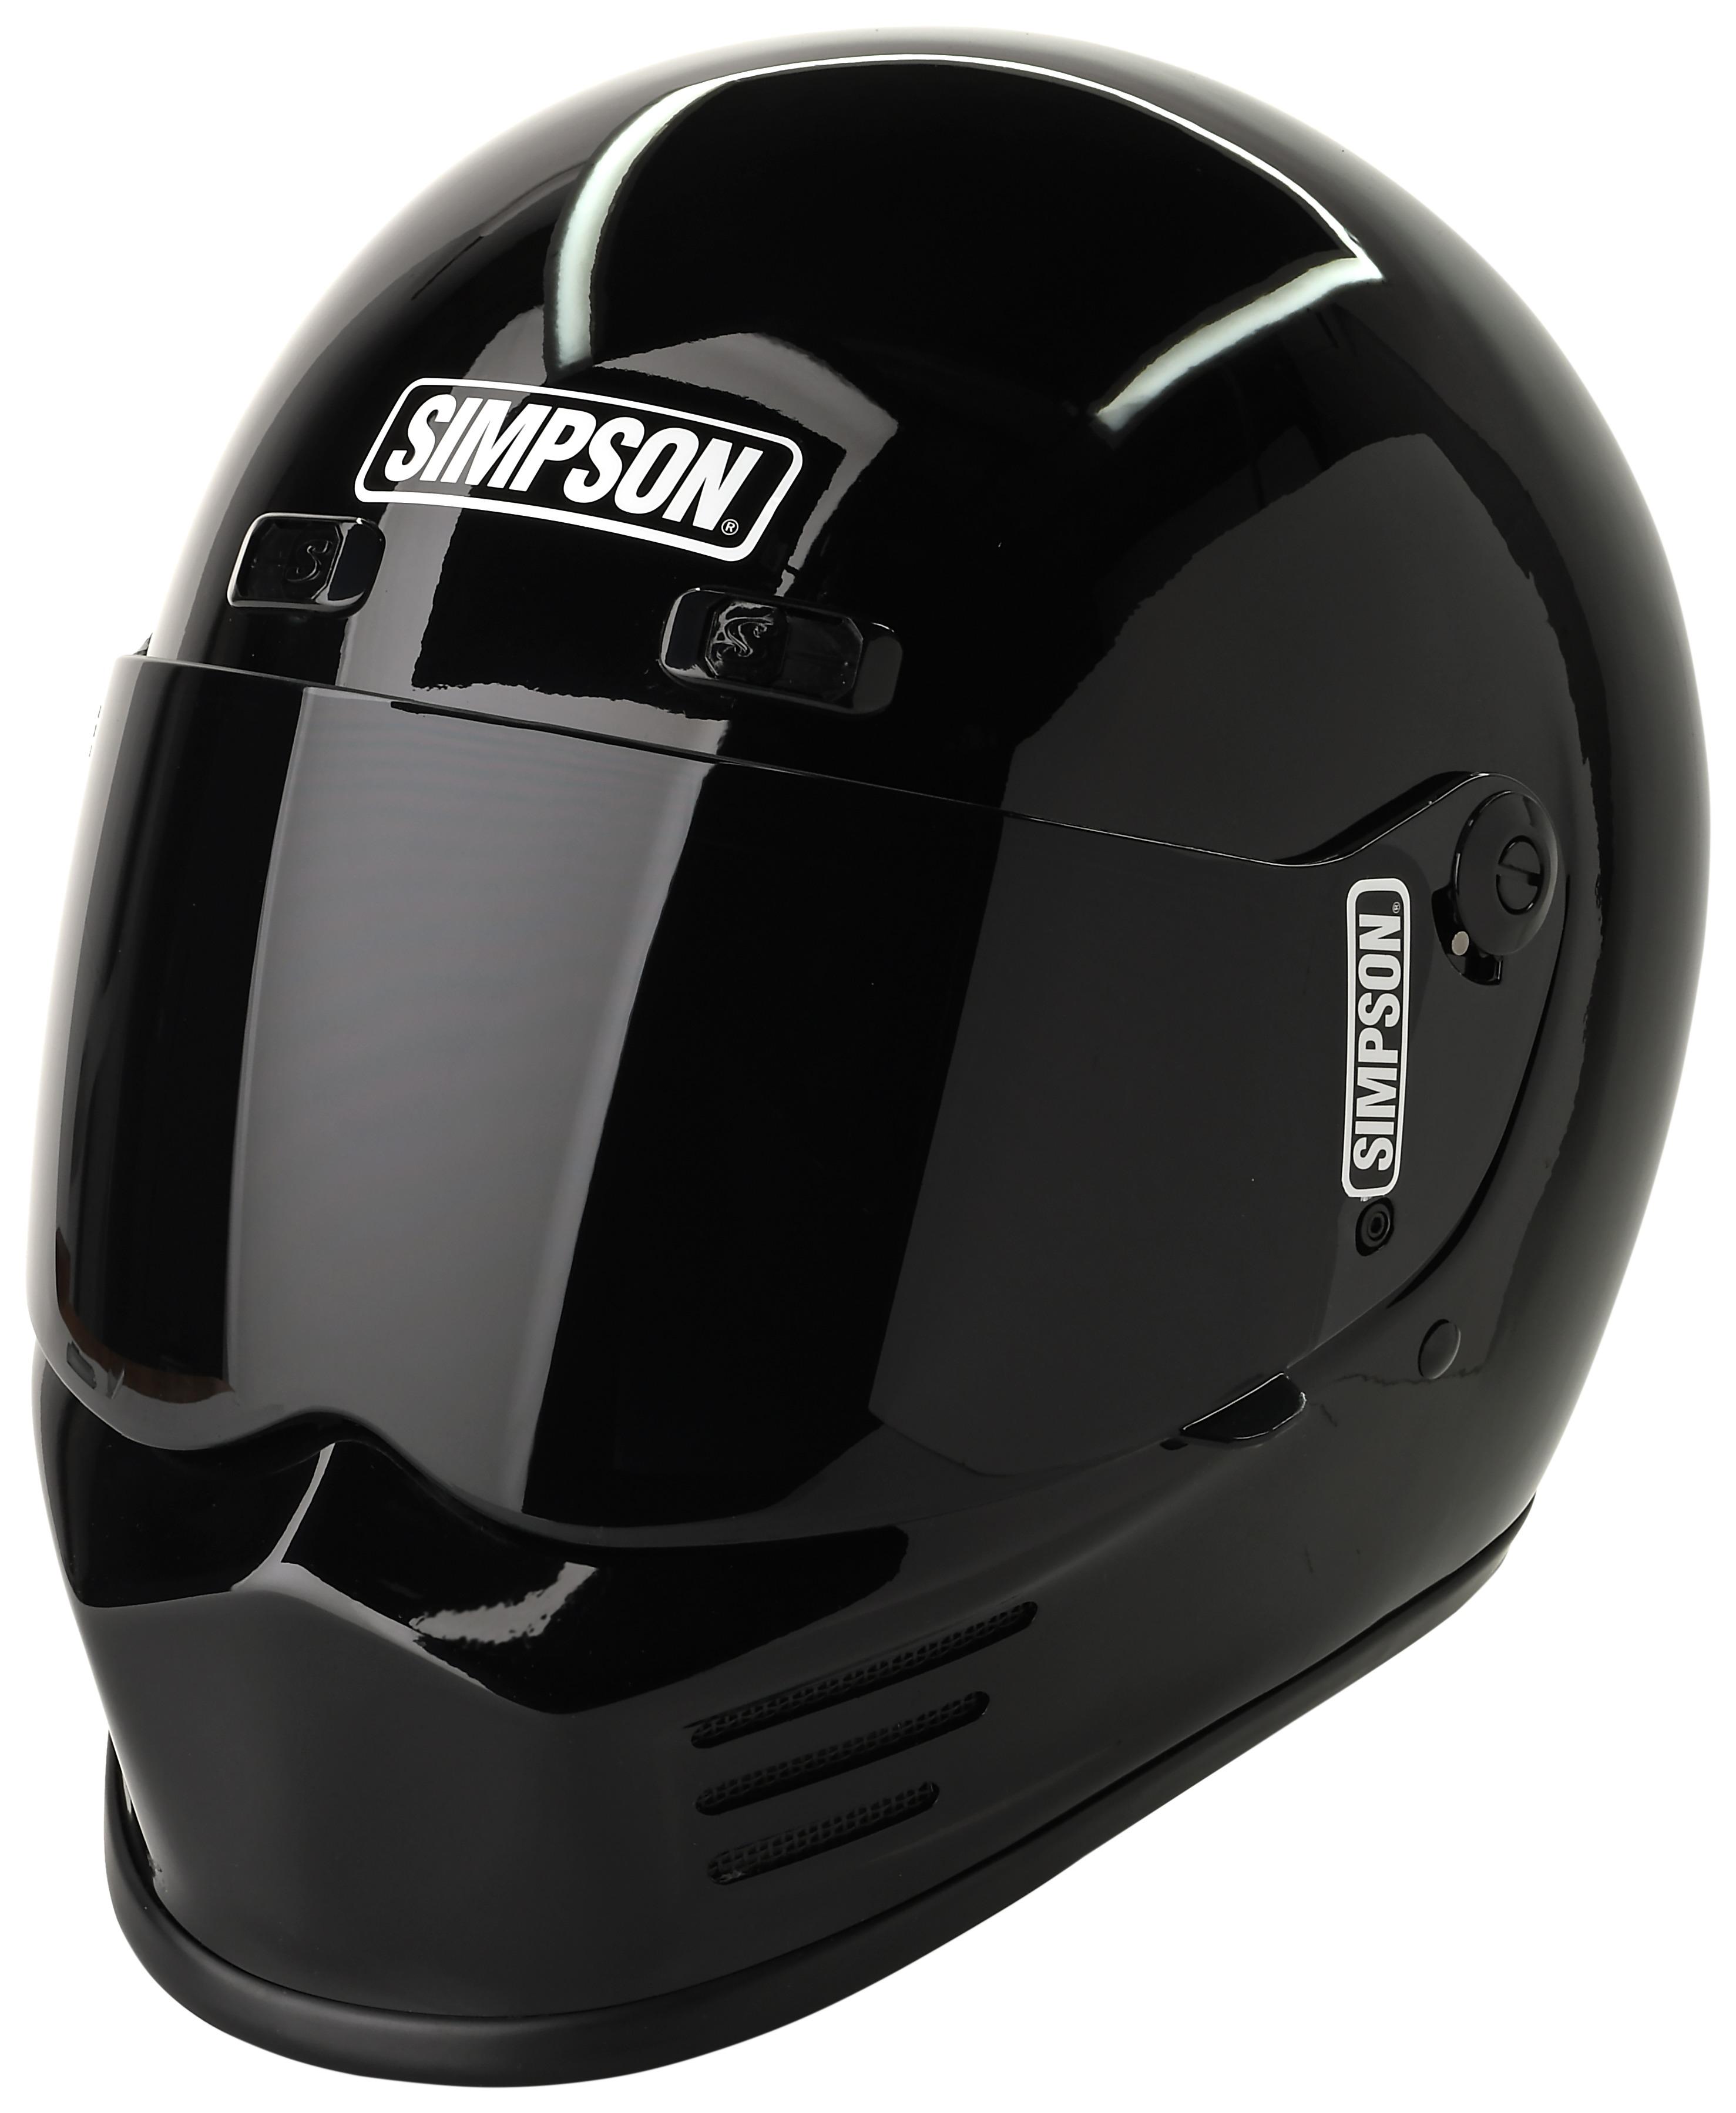 Simpson Bandit Helmet